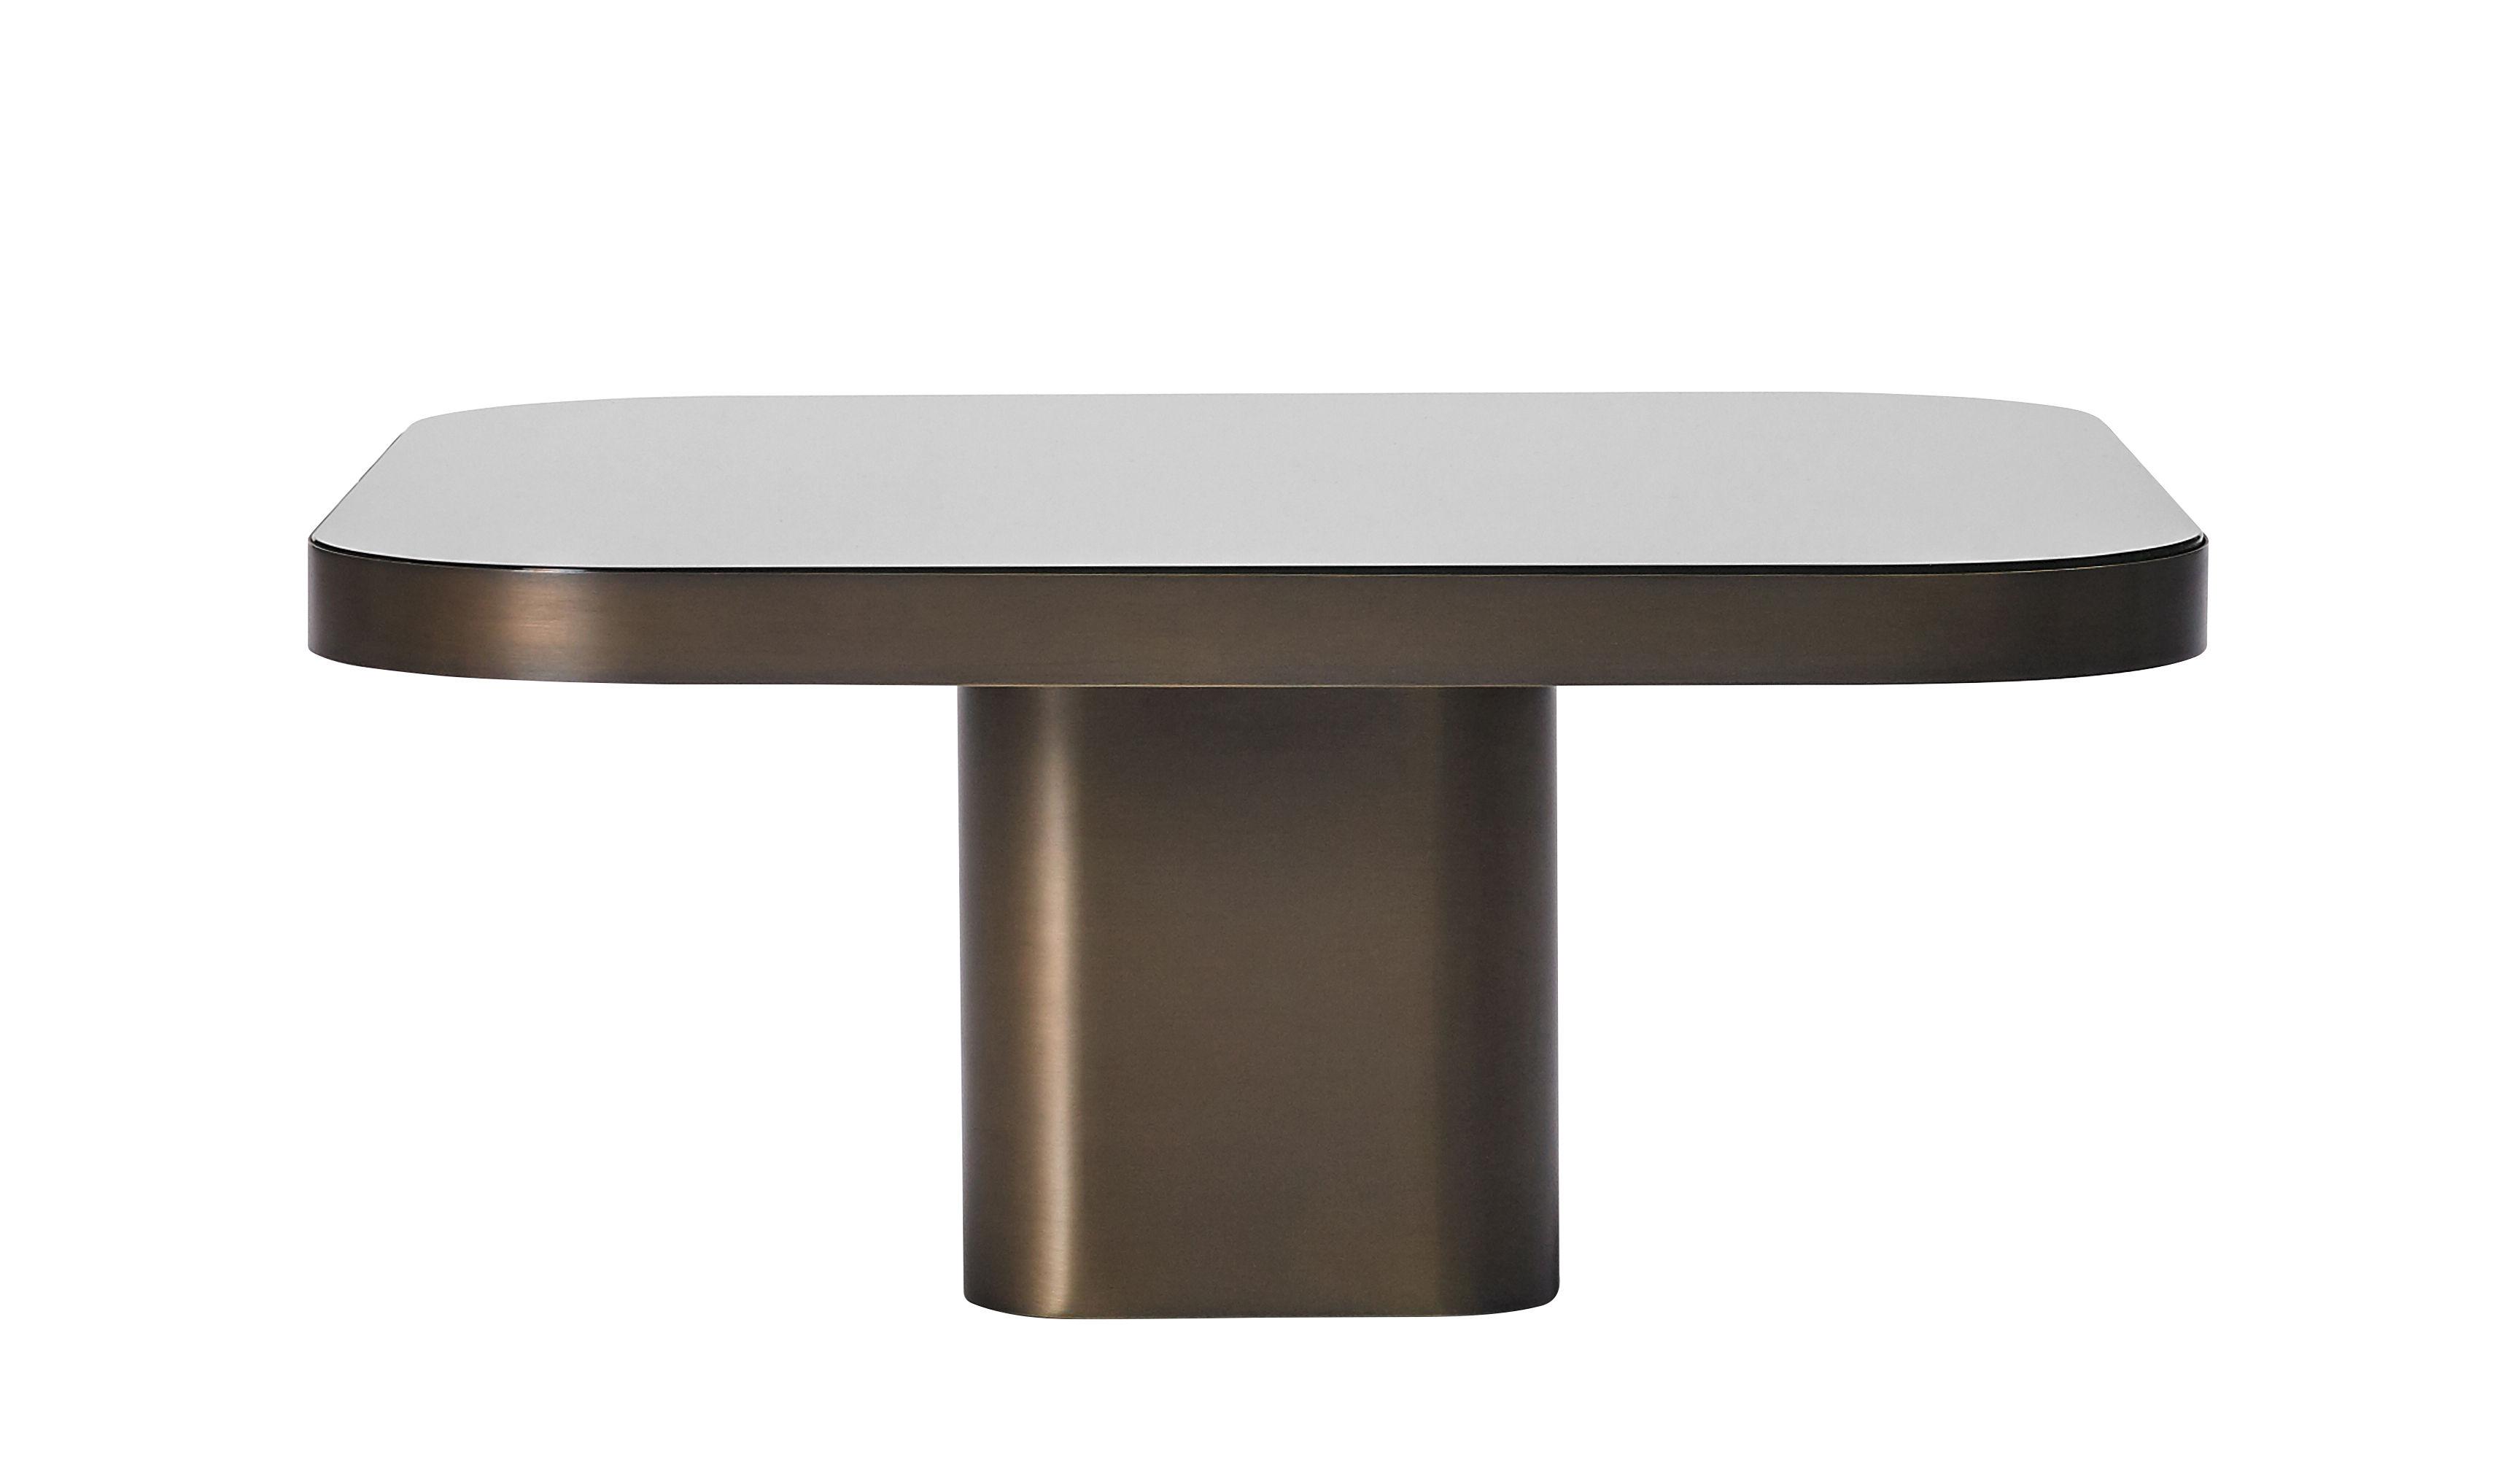 Mobilier - Tables basses - Table basse Bow n°3 / 70 x 70 cm - ClassiCon - Laiton bruni / Plateau noir - Laiton, Verre